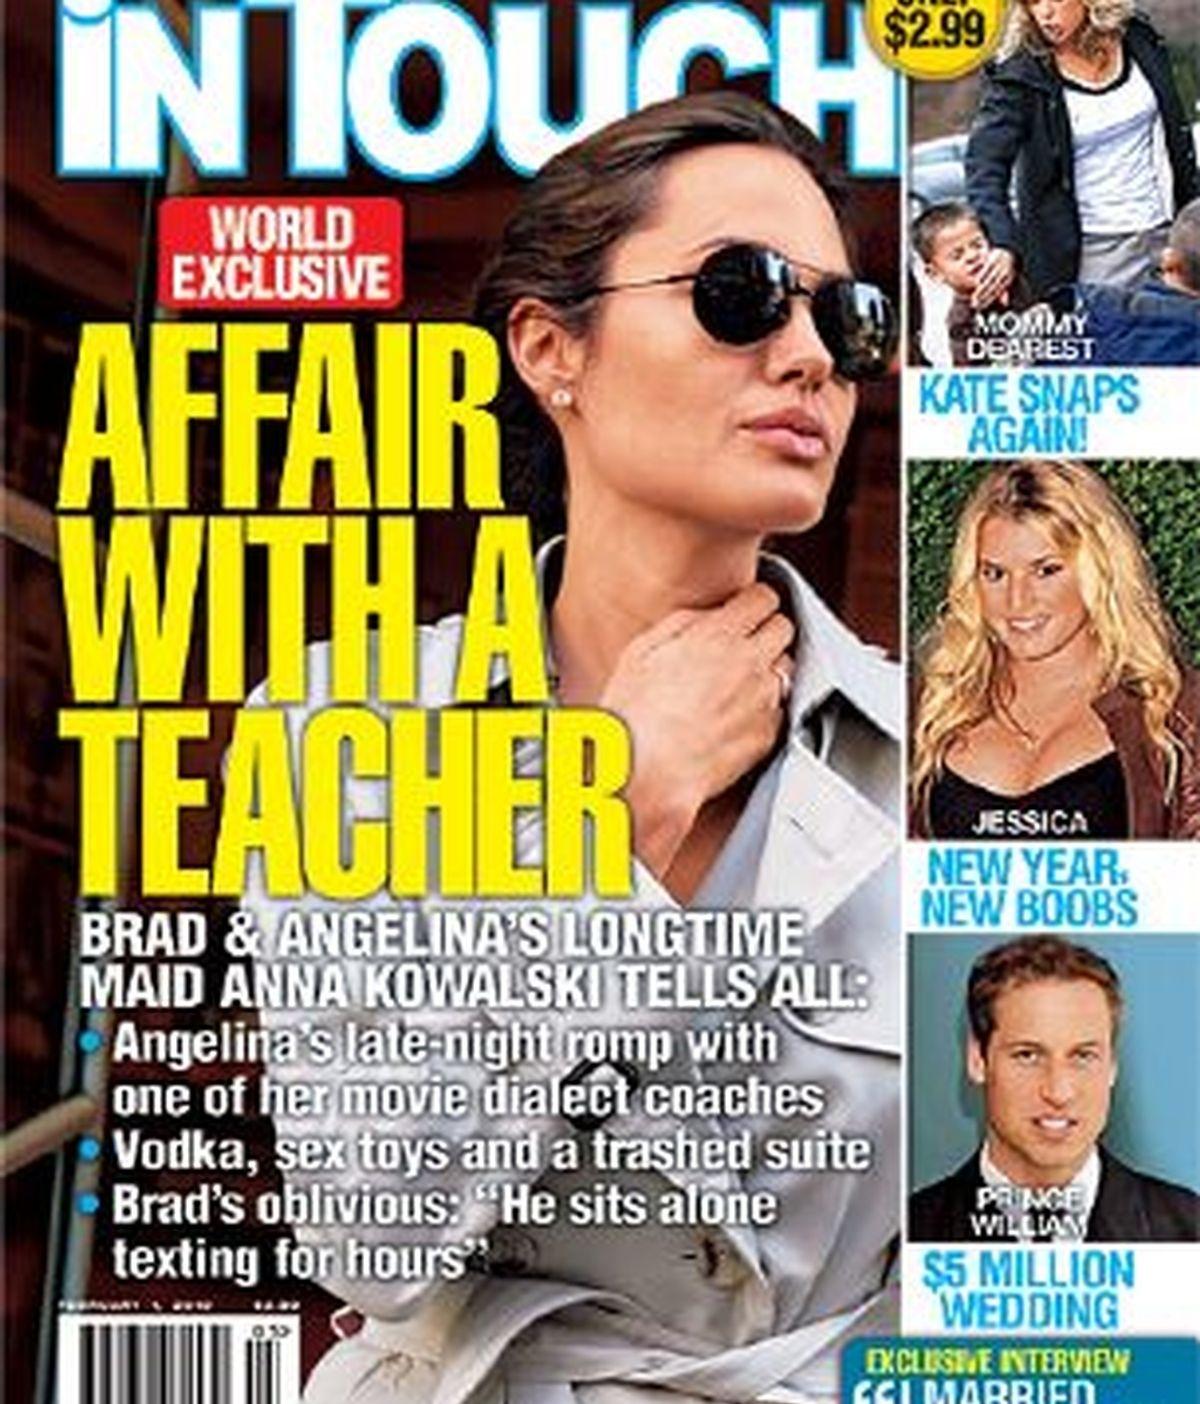 La portada de la revista que publica las indiscreciones de la supuesta infidelidad de Angelina Jolie. Foto In Touch Weekly